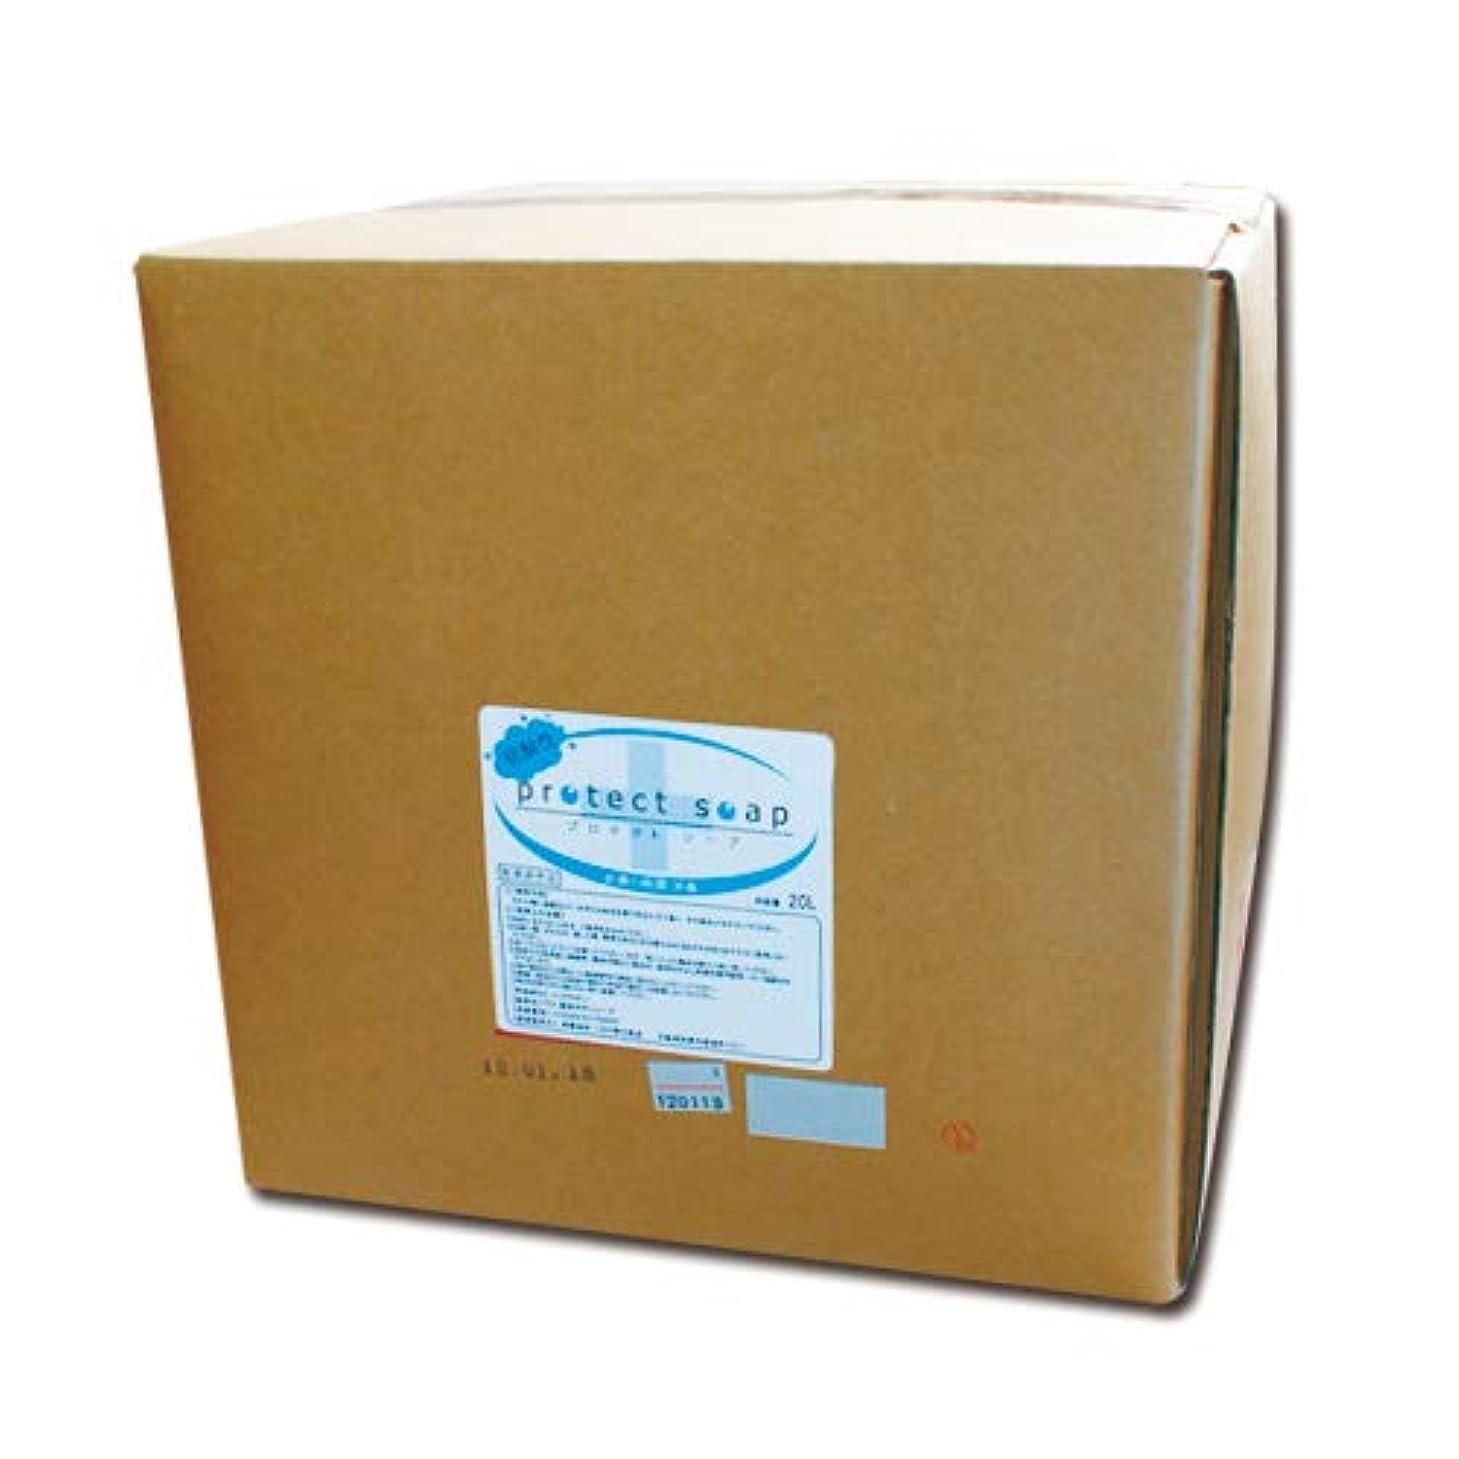 整理する財布呼吸する低刺激弱酸性 液体石鹸 プロテクトソープ 20L 業務用